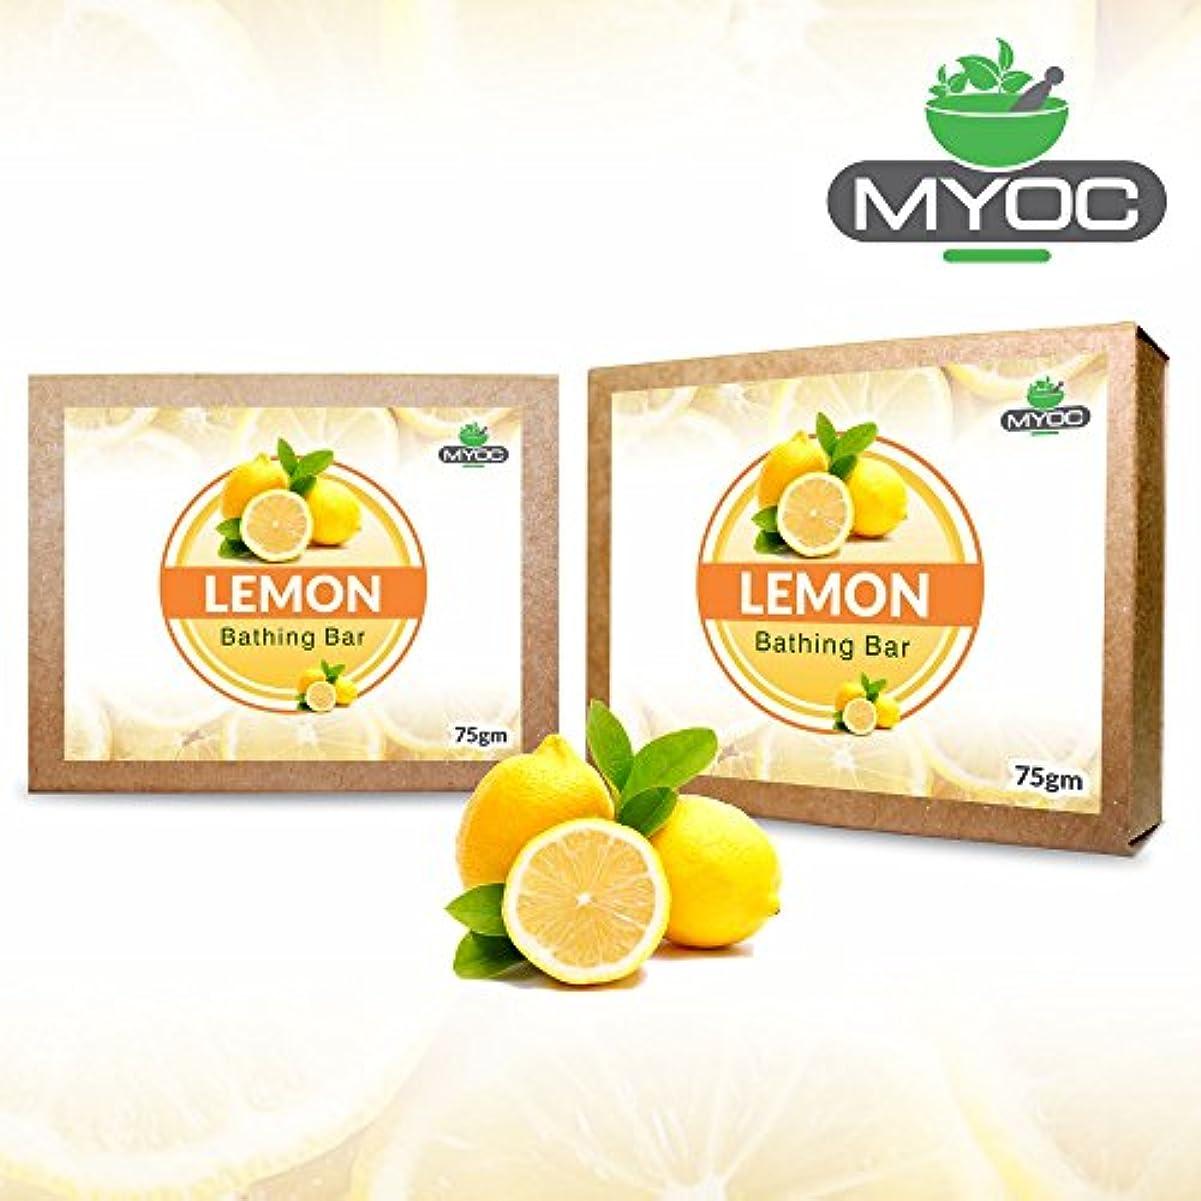 肌寒い洗う鉱夫Lemon Oil And Vitamin E Astringent Soap, deodorant, antiseptic soap for clogged pores and acne prone skin 75g...